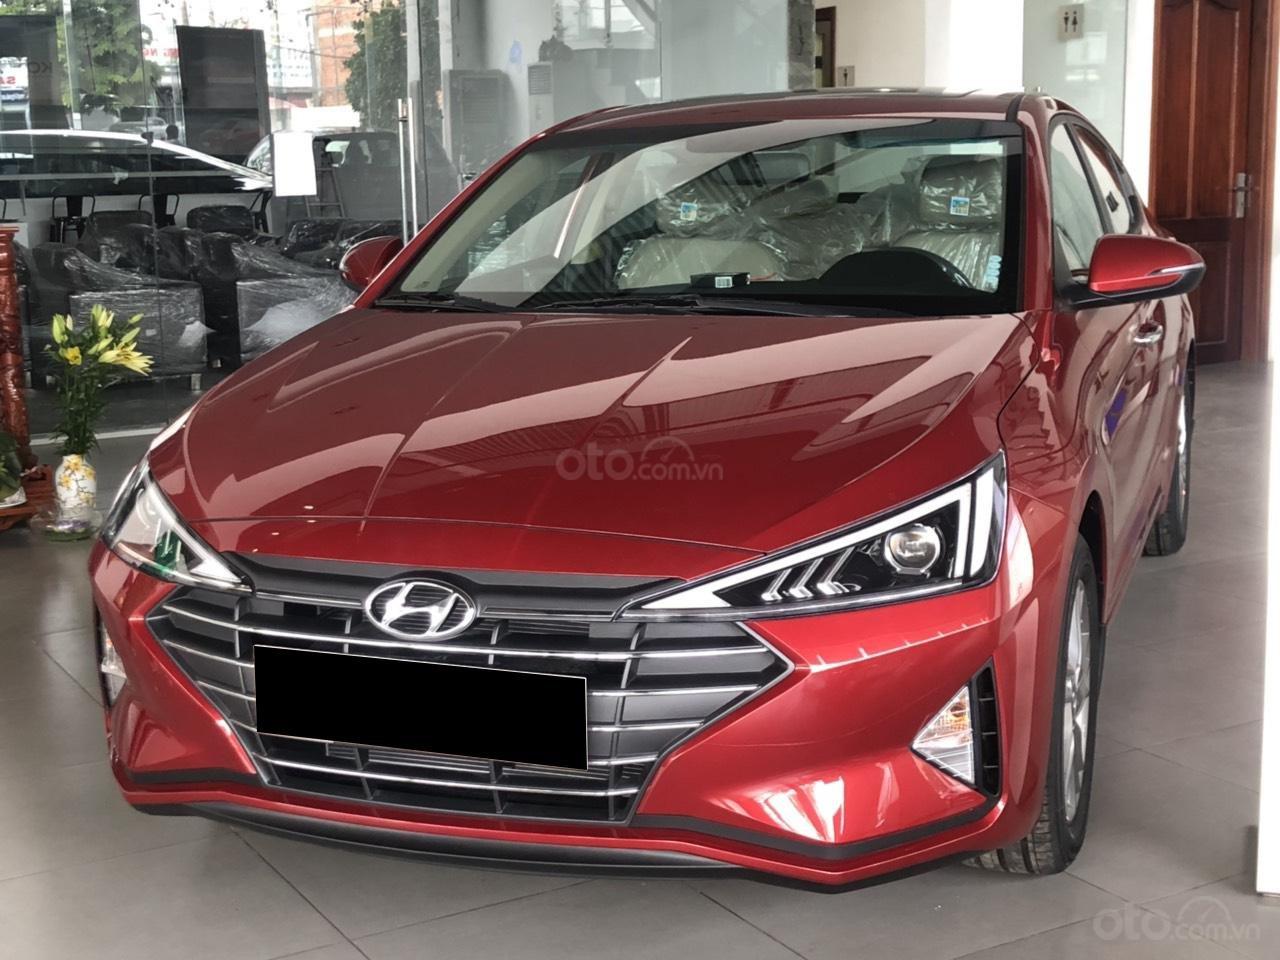 Hyundai Elentra 2019 - Giá tốt - Xe sẵn - Bank bao đậu (1)